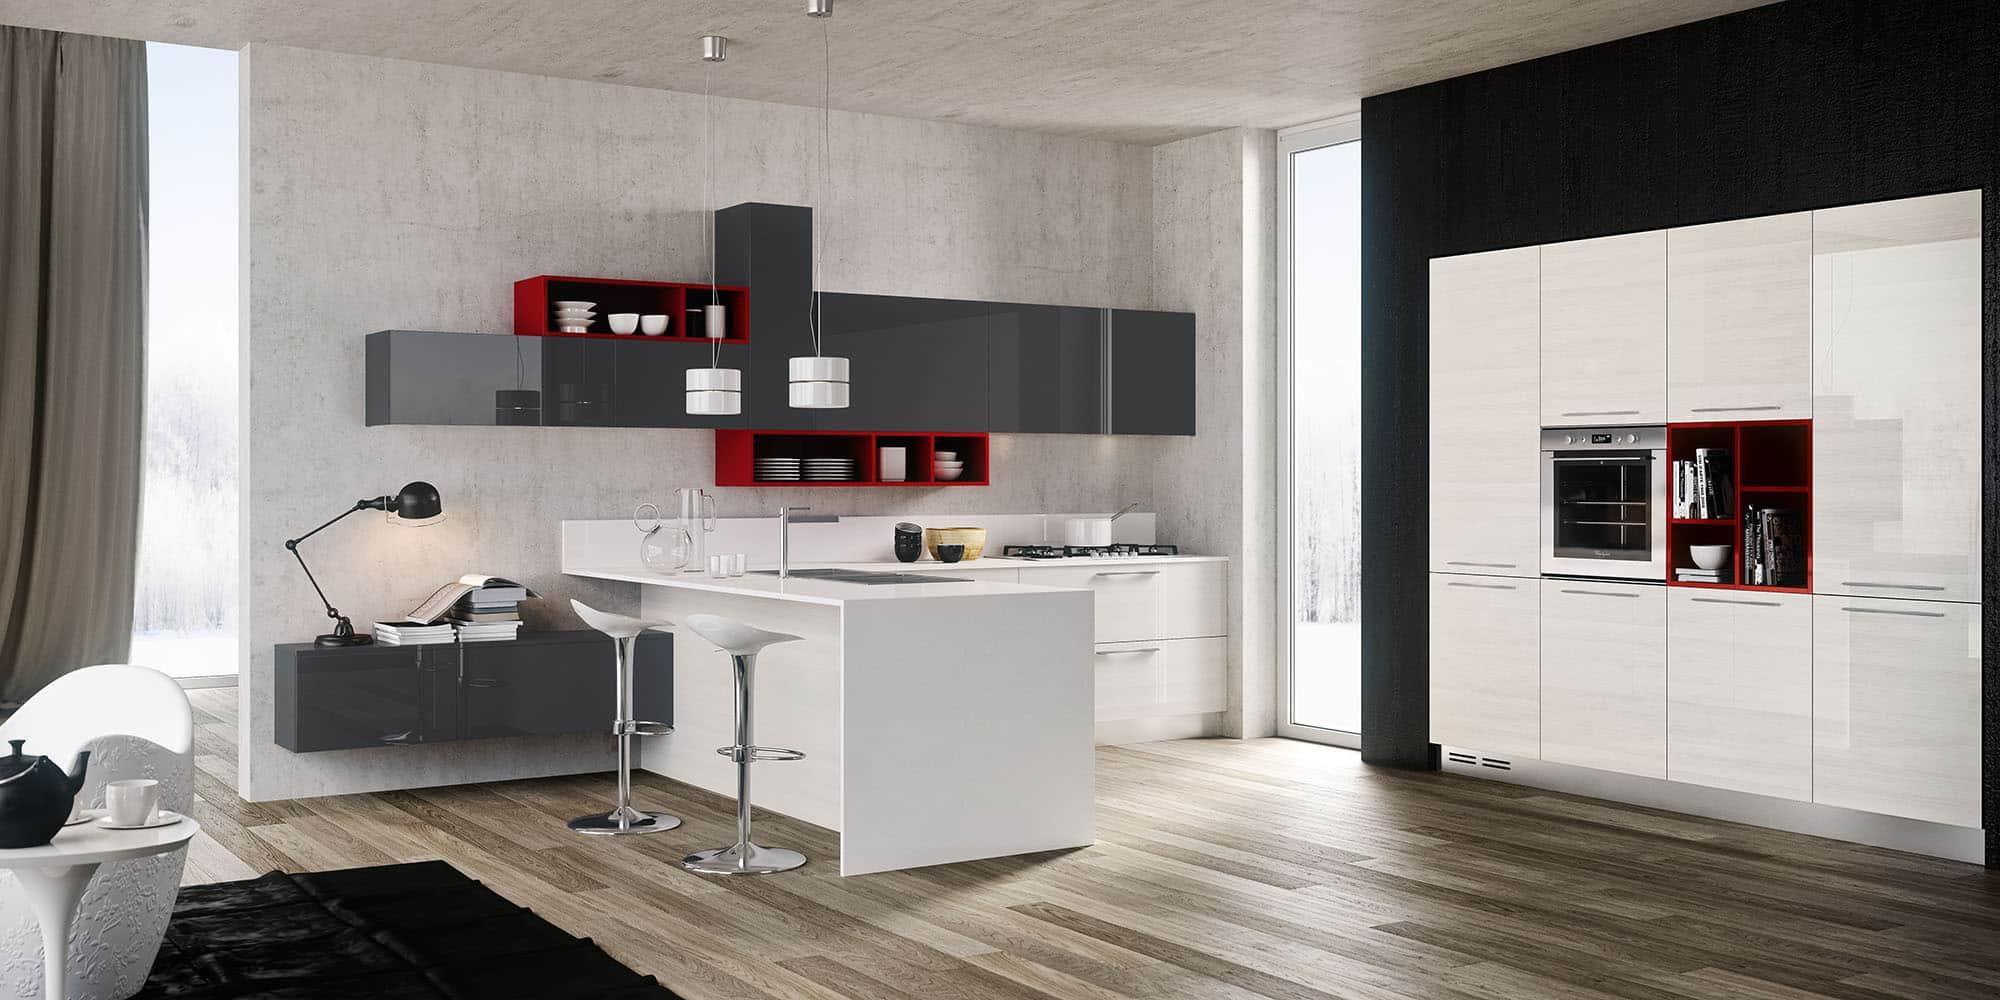 Vendita cucine moderne a padova - Cucina moderna bianca ...